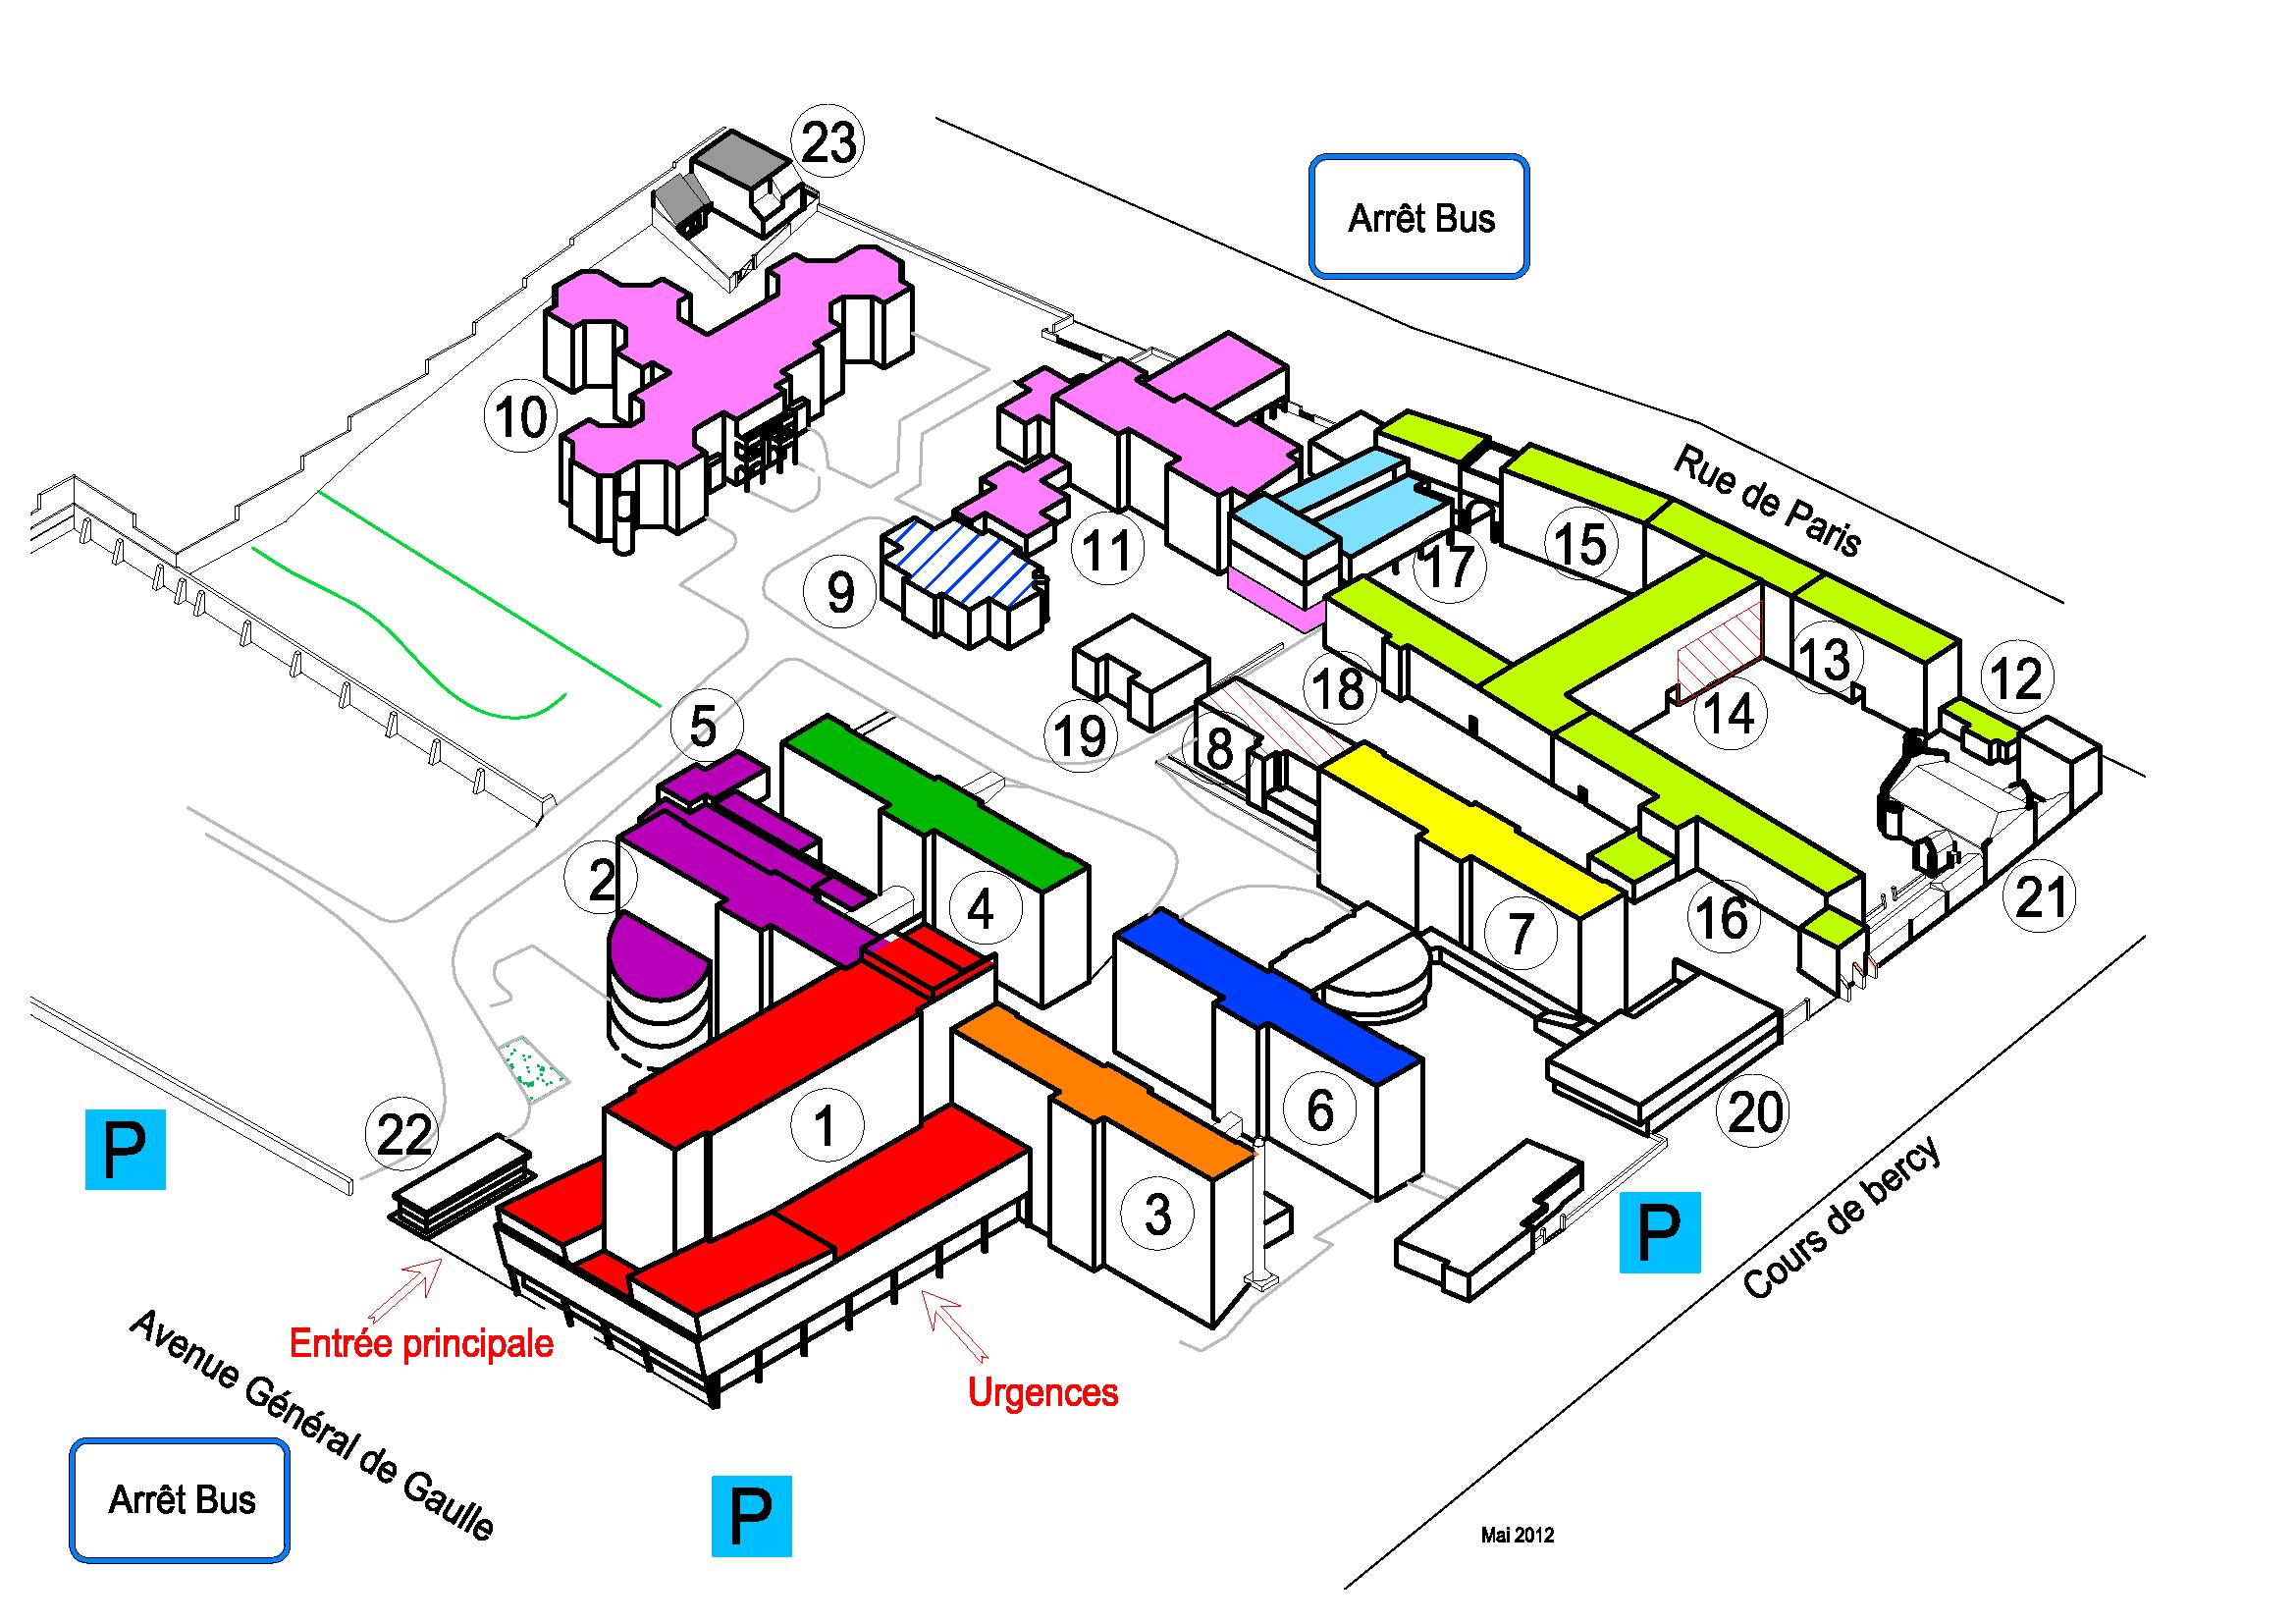 Plan du site ch moulins centre hospitalier de moulins yzeure for Plan de moulins